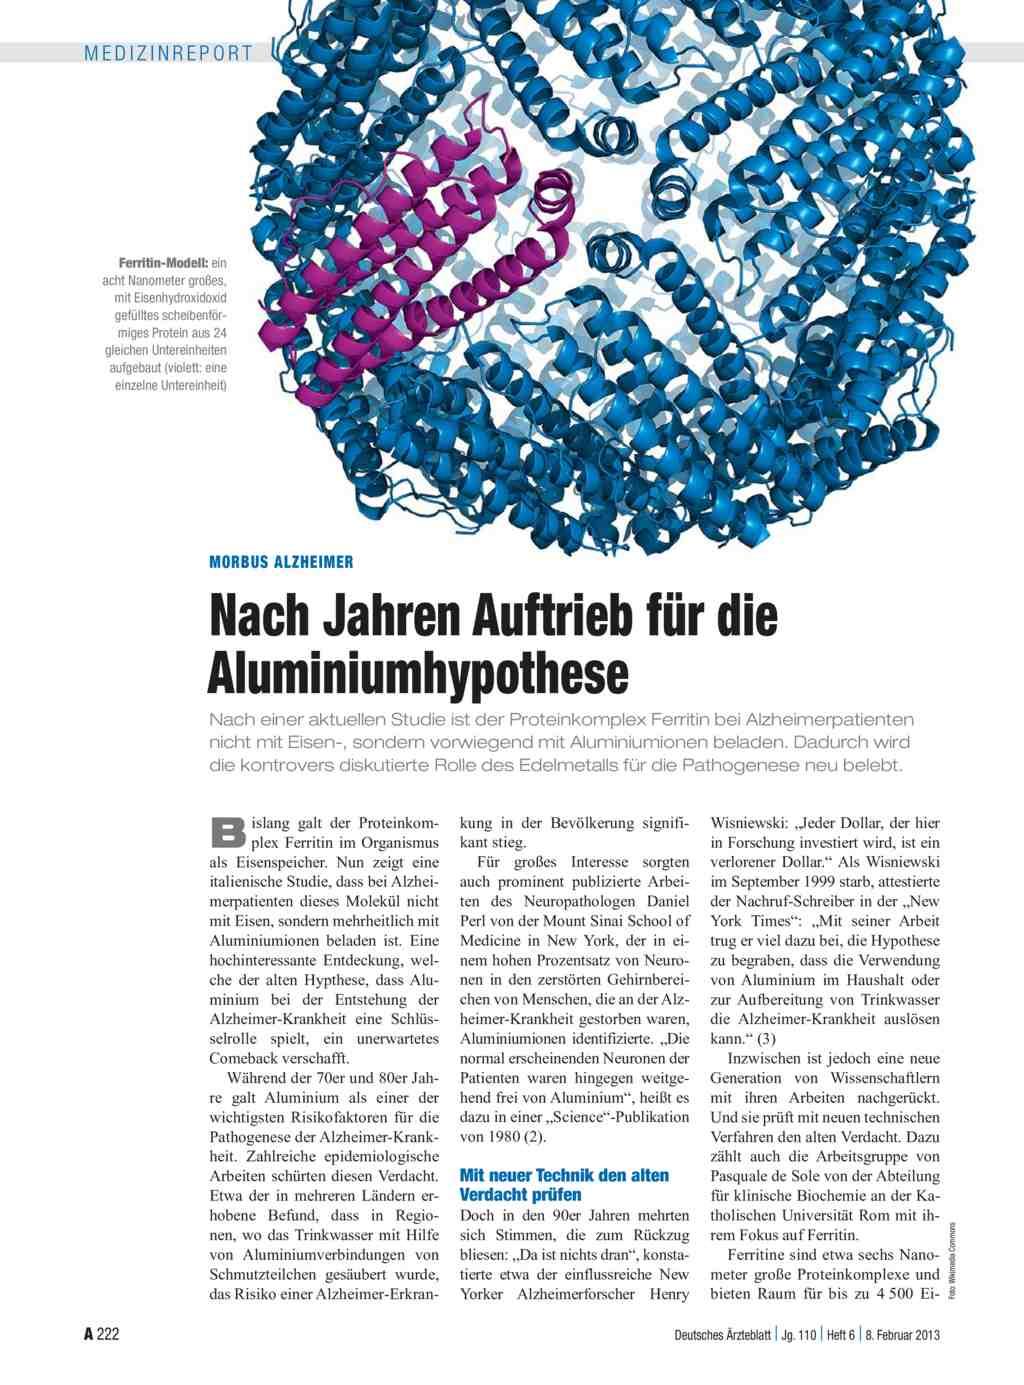 Morbus Alzheimer: Nach Jahren Auftrieb für die Aluminiumhypothese